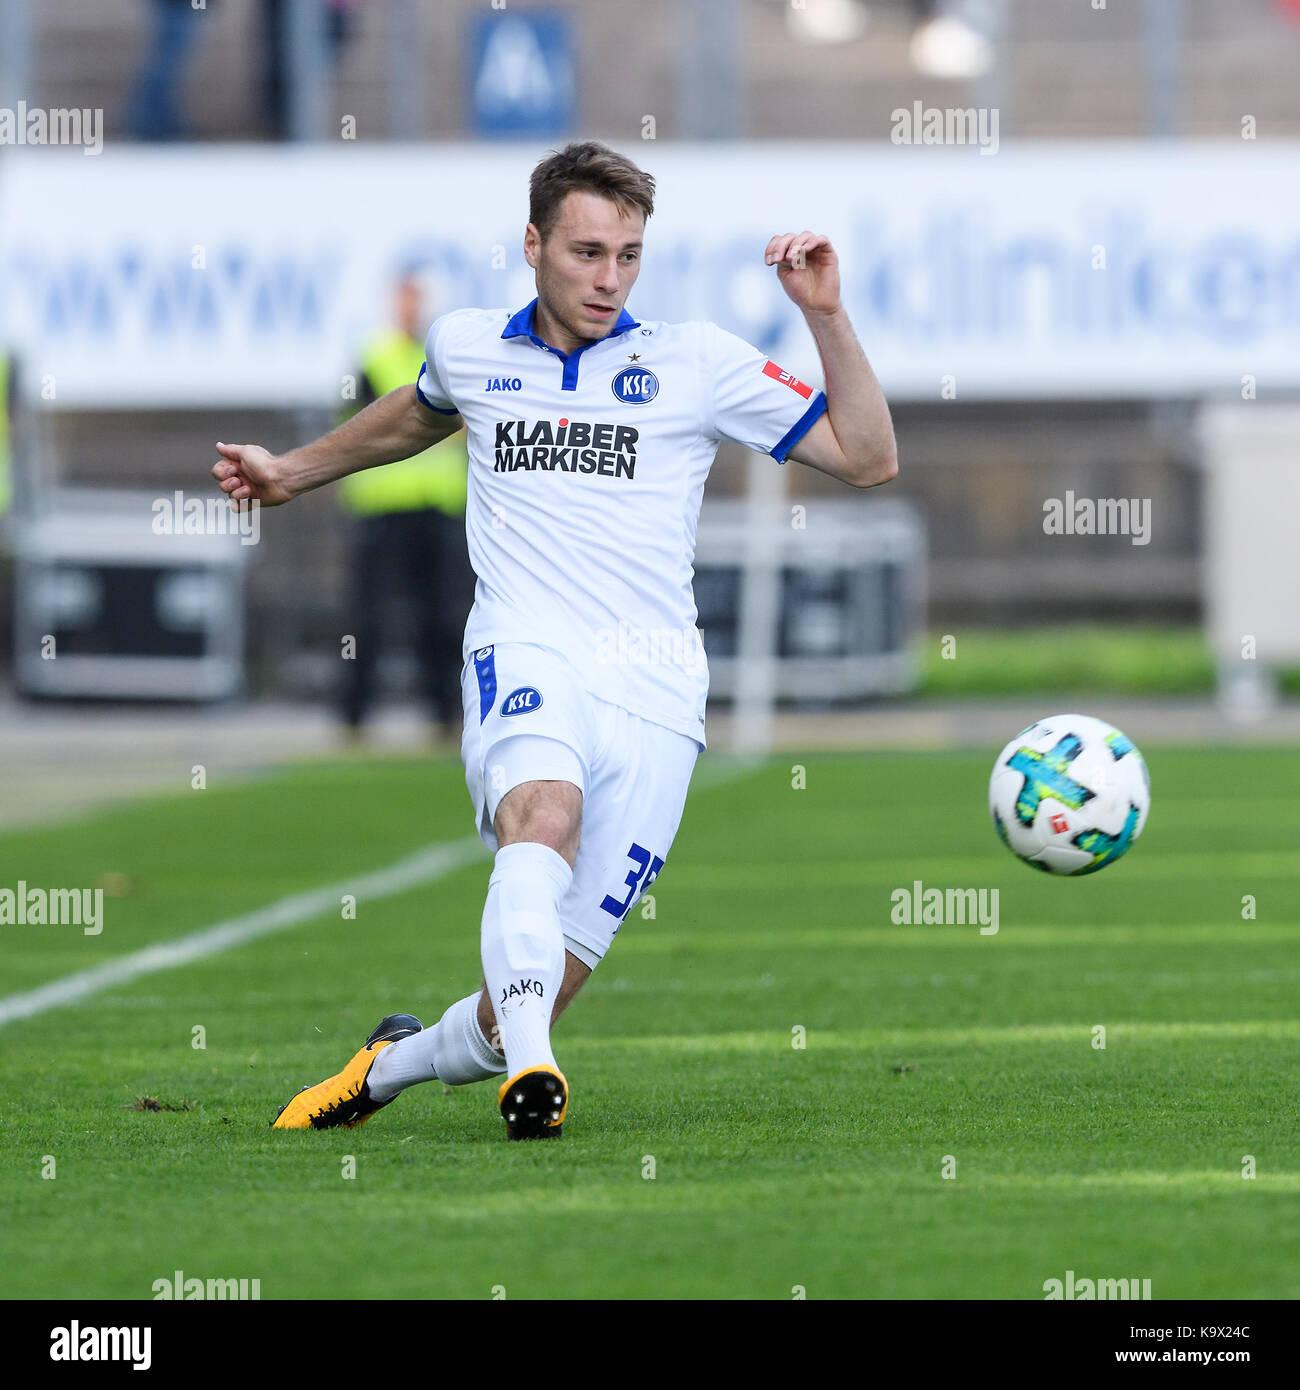 Karlsruhe, Deutschland. 24th Sep, 2017. Matthias Bader (KSC) Einzelaktion, Freisteller. GES/ Fussball/ 3. Liga: - Stock Image